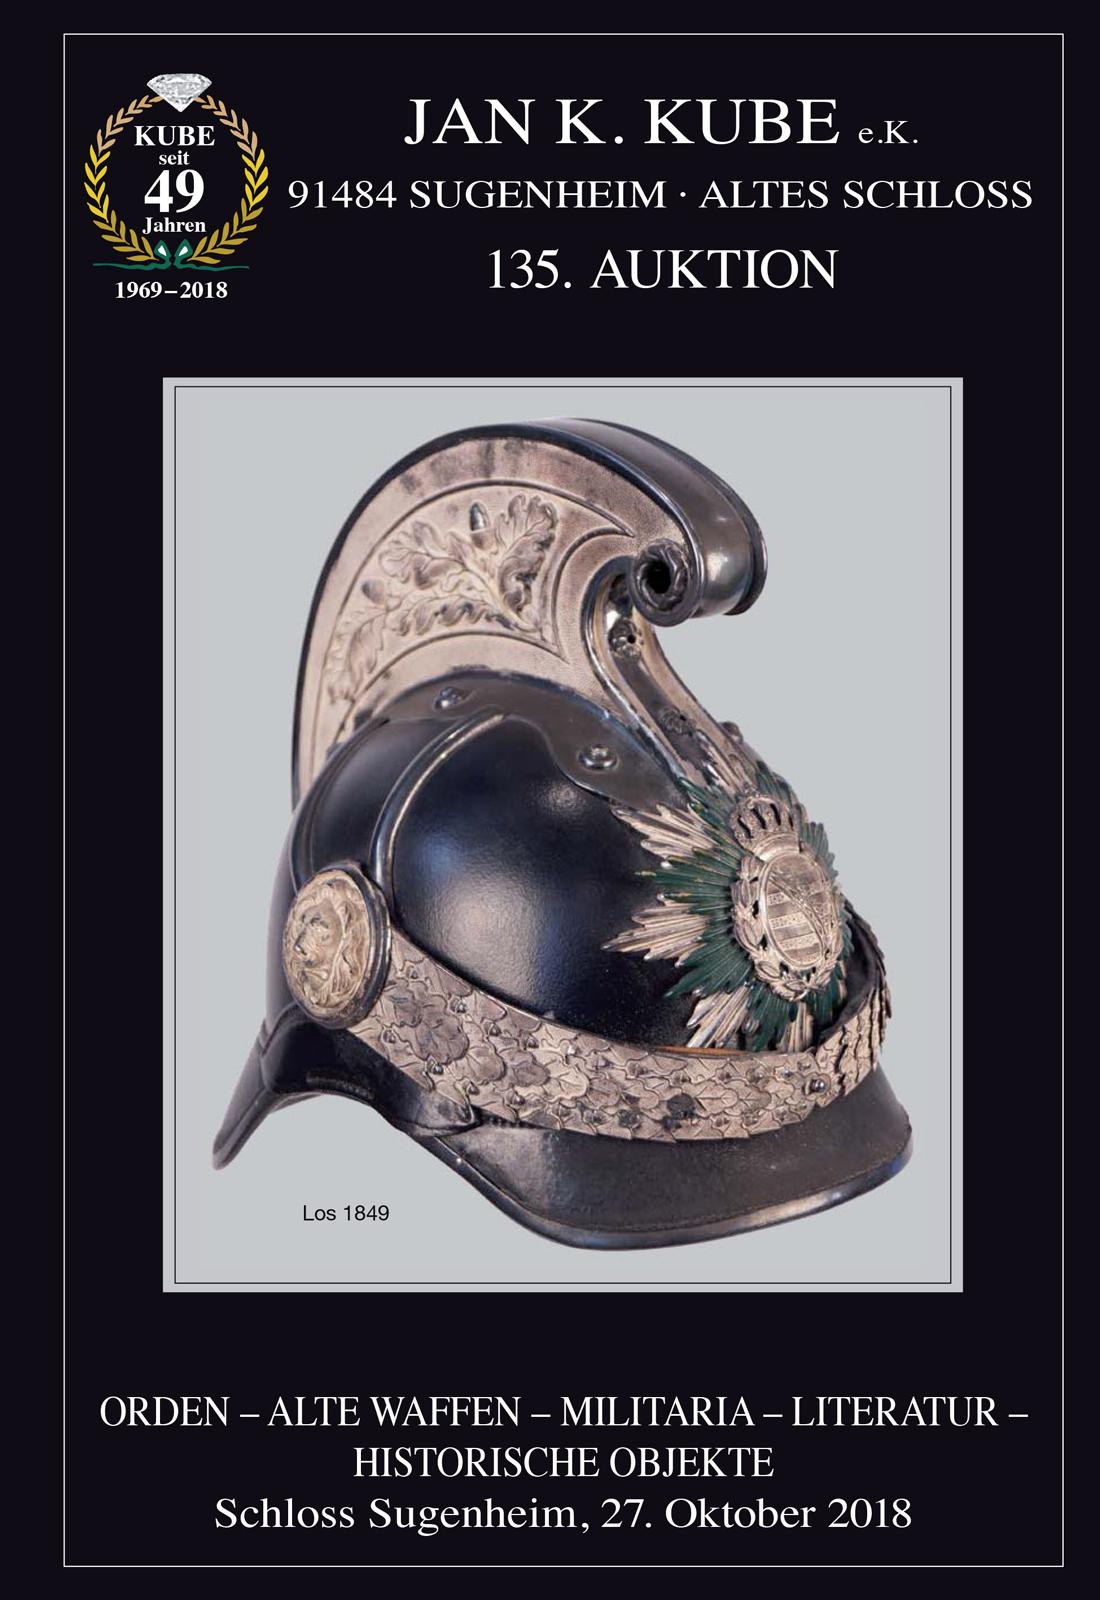 Kube auktionen